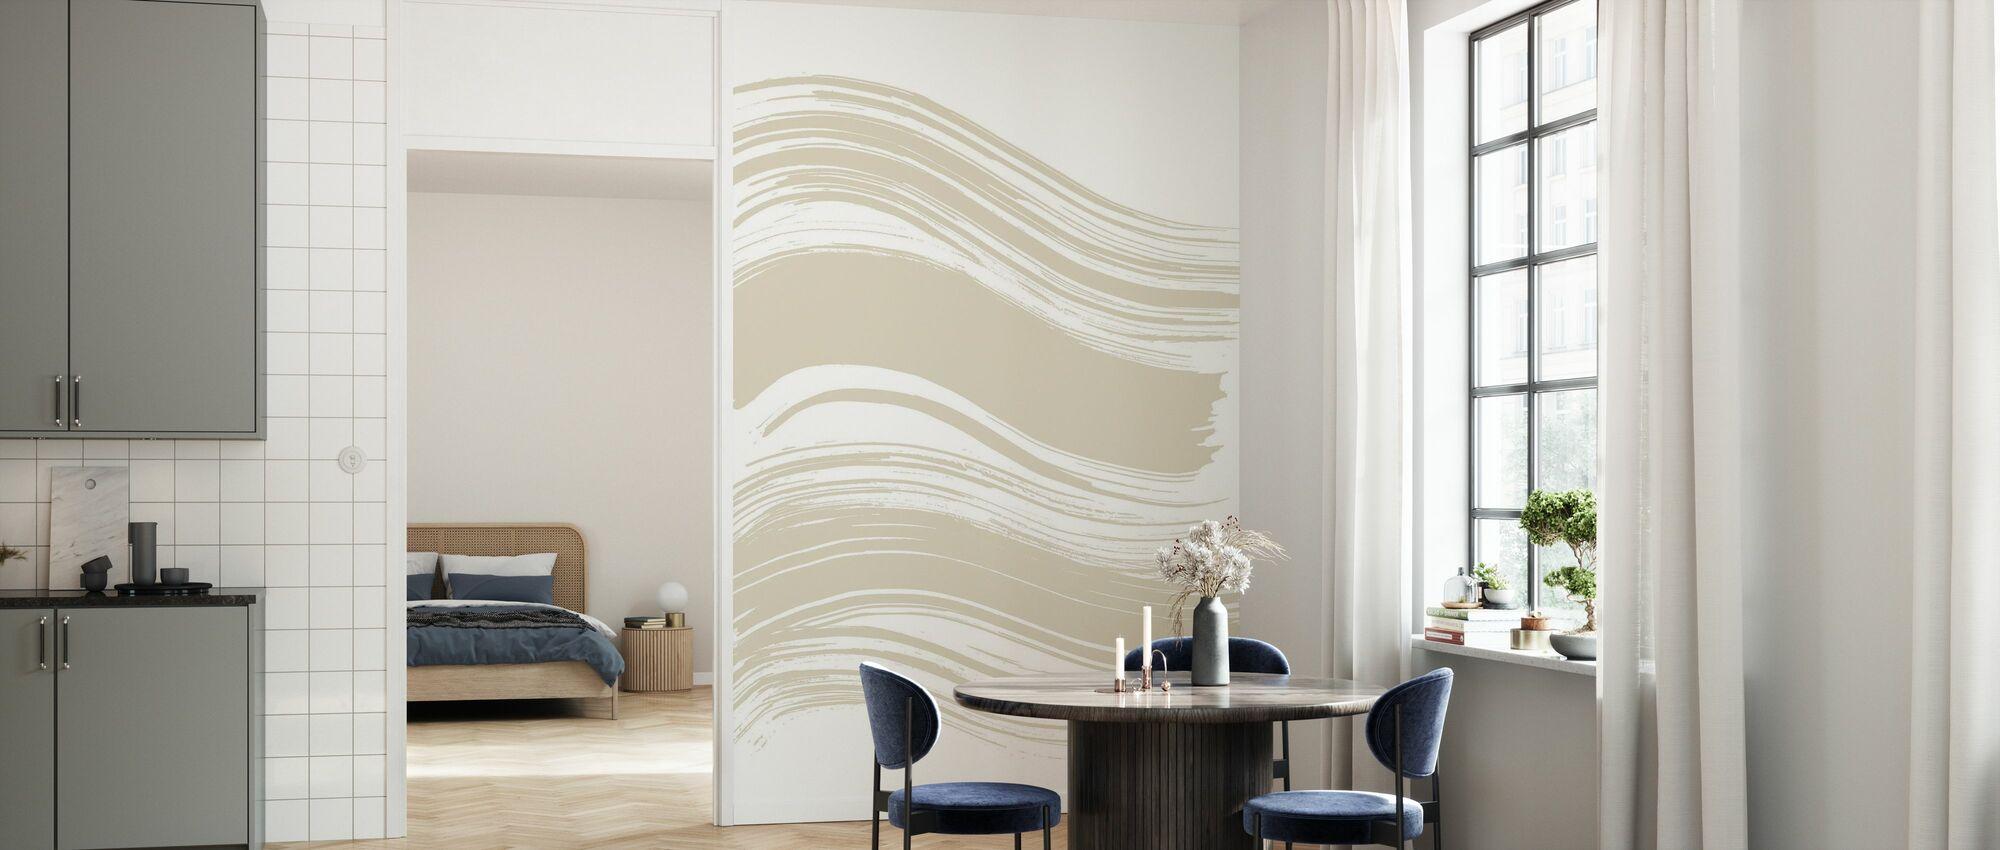 Wave - Bright Plage - Wallpaper - Kitchen